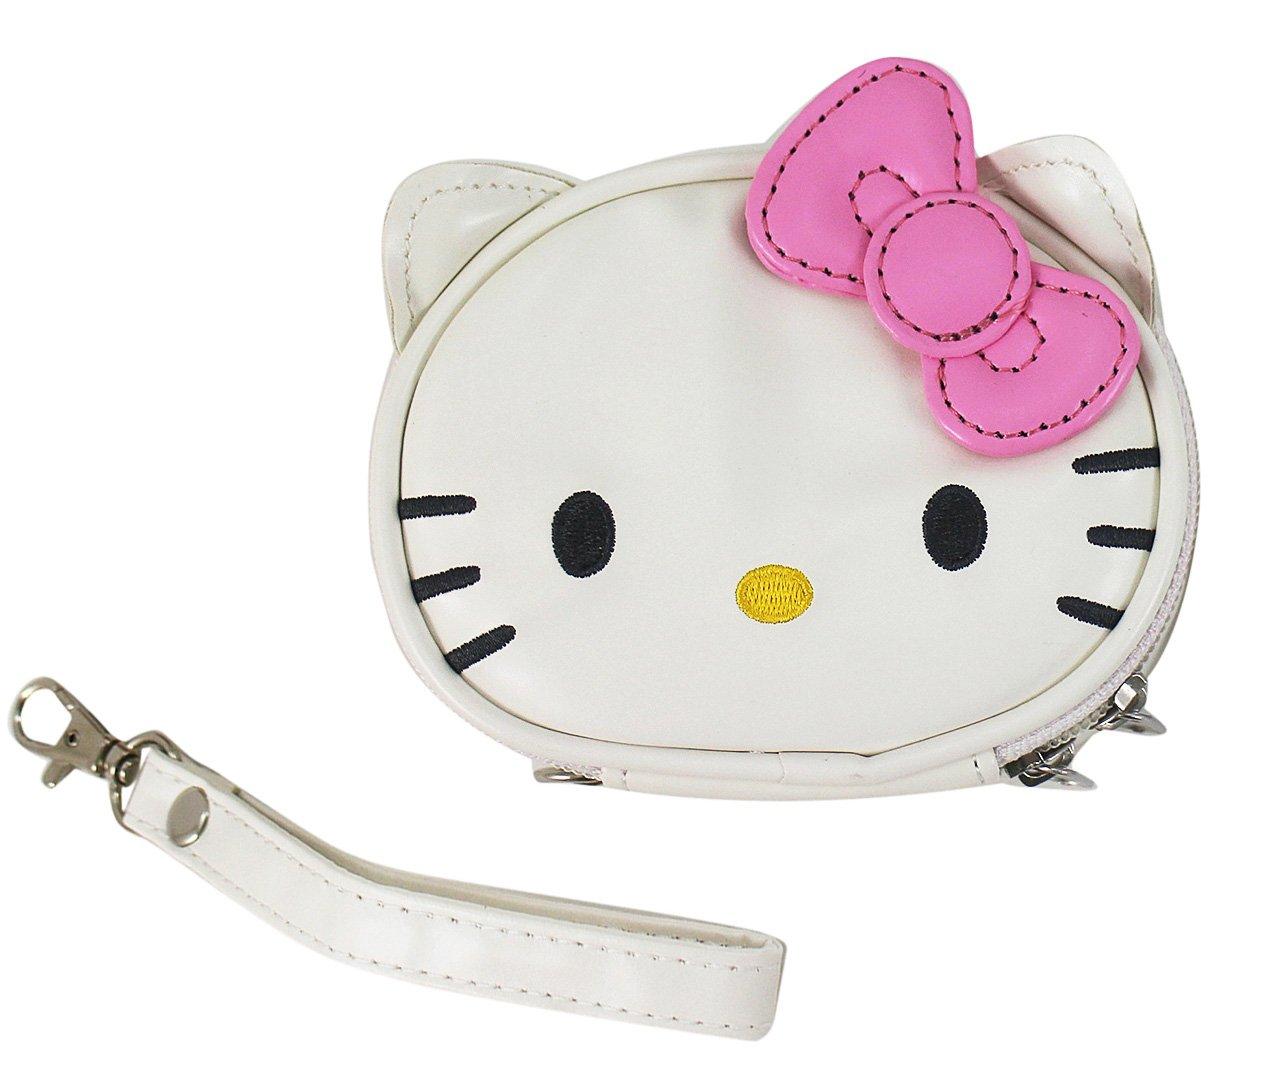 【卡漫迷】 Hello Kitty 手拿包 粉 仿皮革 ㊣版 萬用袋 收納包 附掛繩 零錢包 化妝包 凱蒂貓 飾品盒